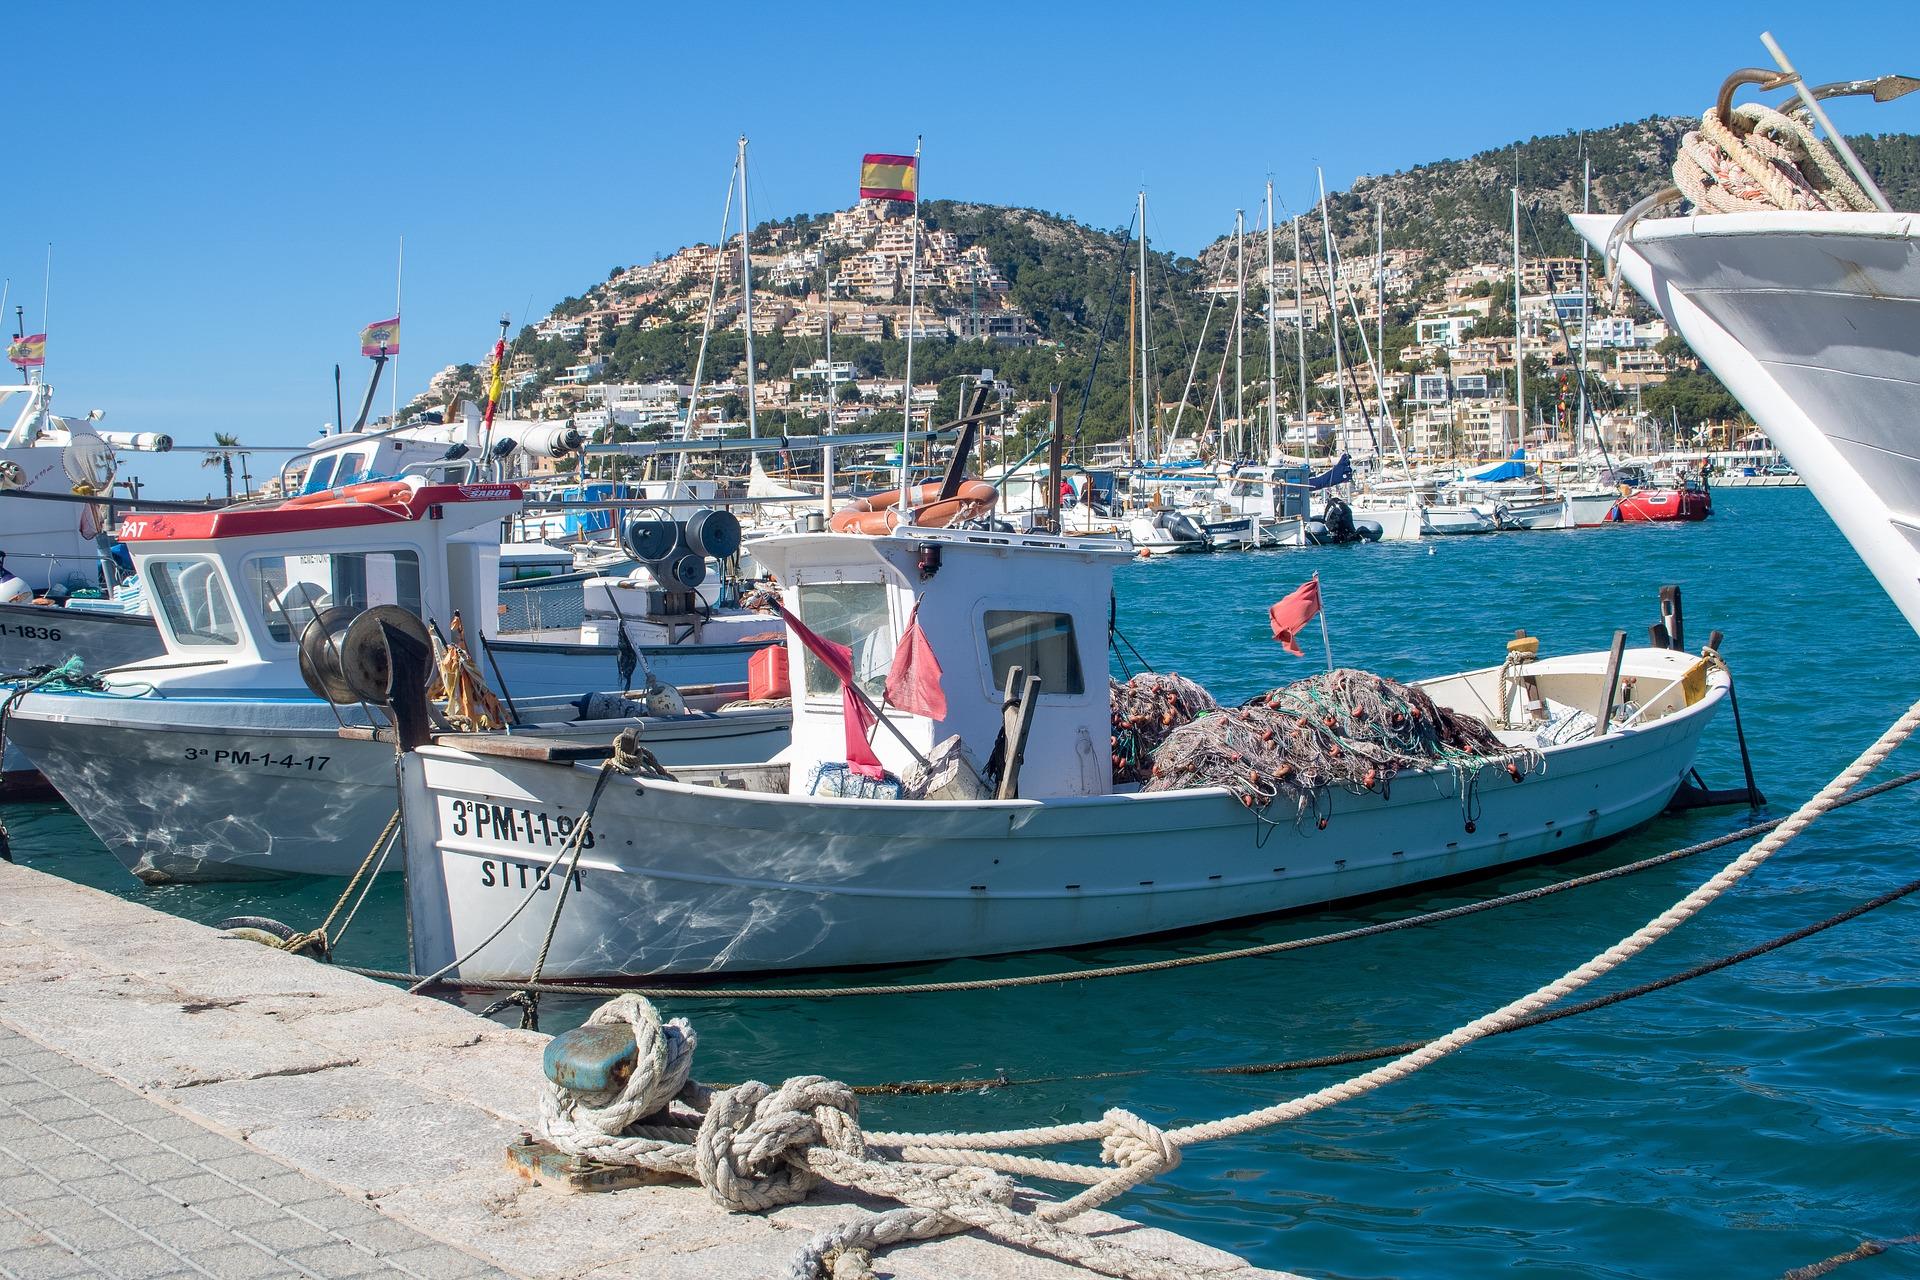 Hafen auf Mallorca. Foto: Medienservice / Pixabay.com